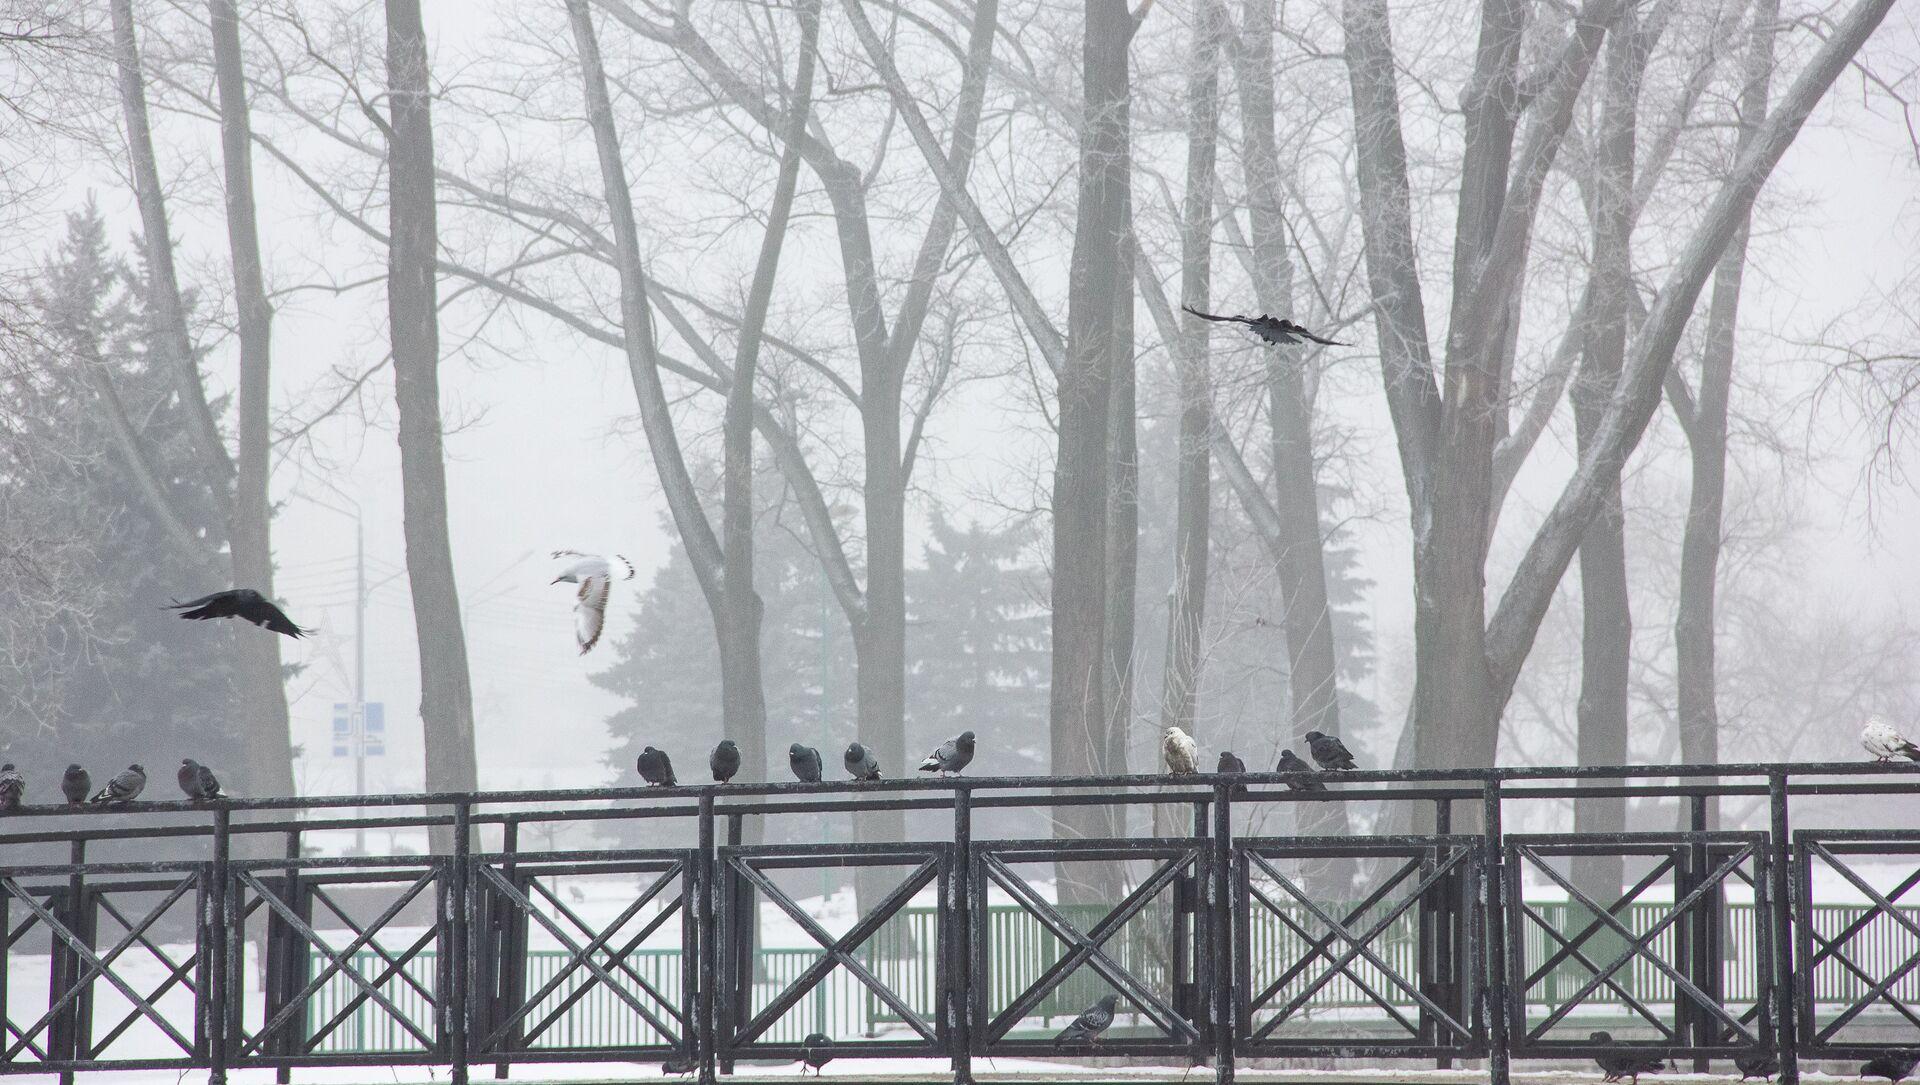 Туман у мінскім парку - Sputnik Беларусь, 1920, 23.02.2021